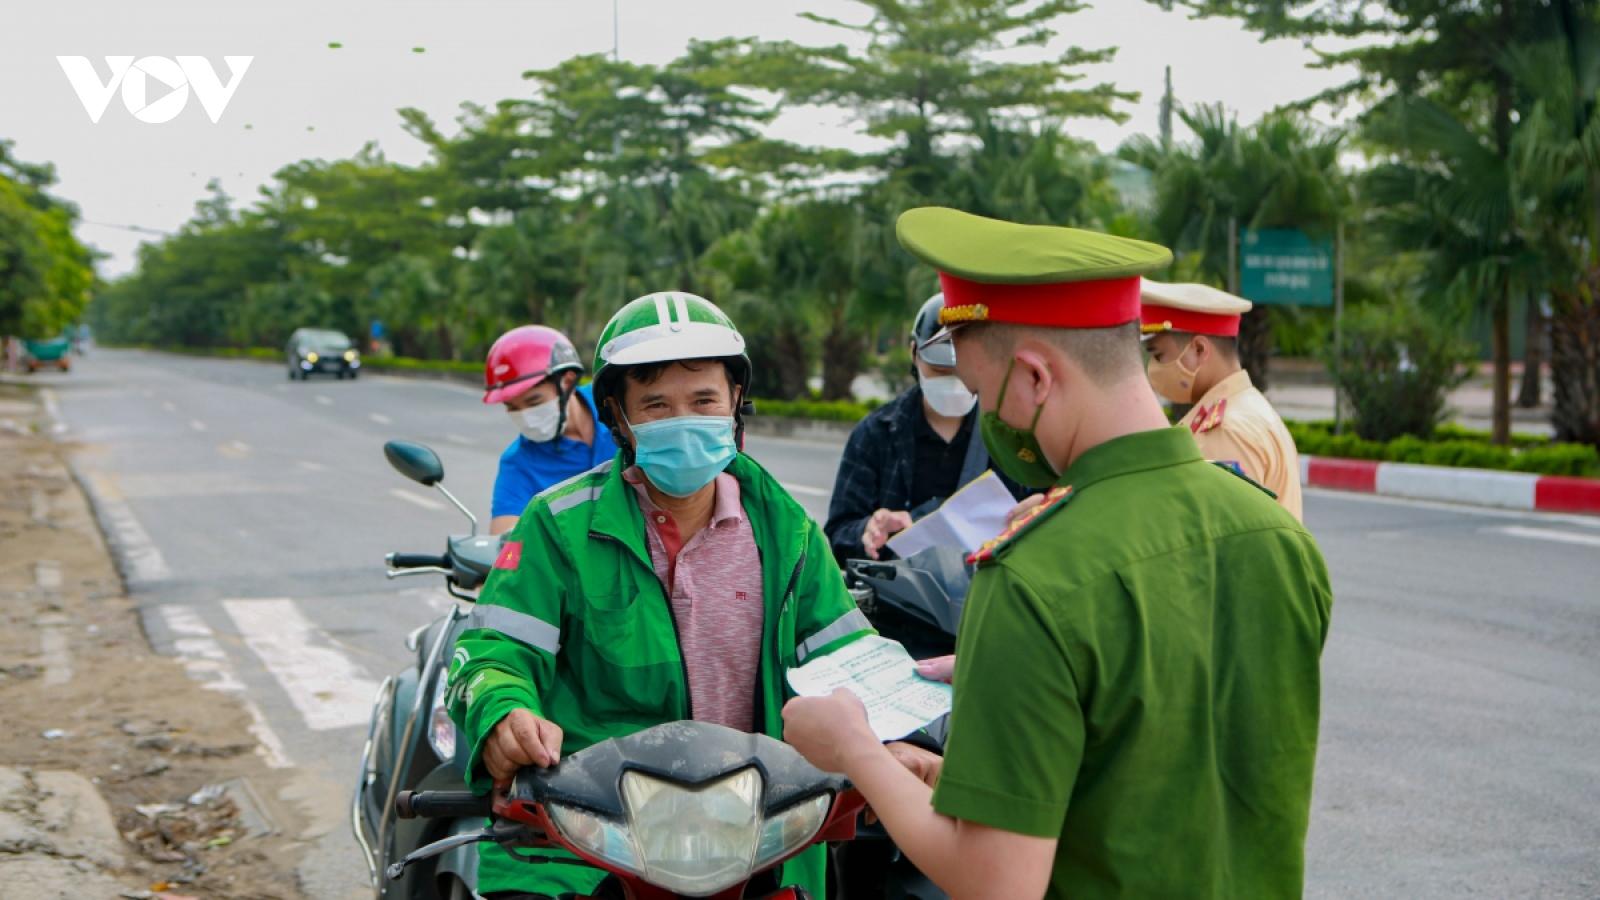 Hà Nội yêu cầu trình giấy đi đường kèm theo lịch trực, căn cước công dân...